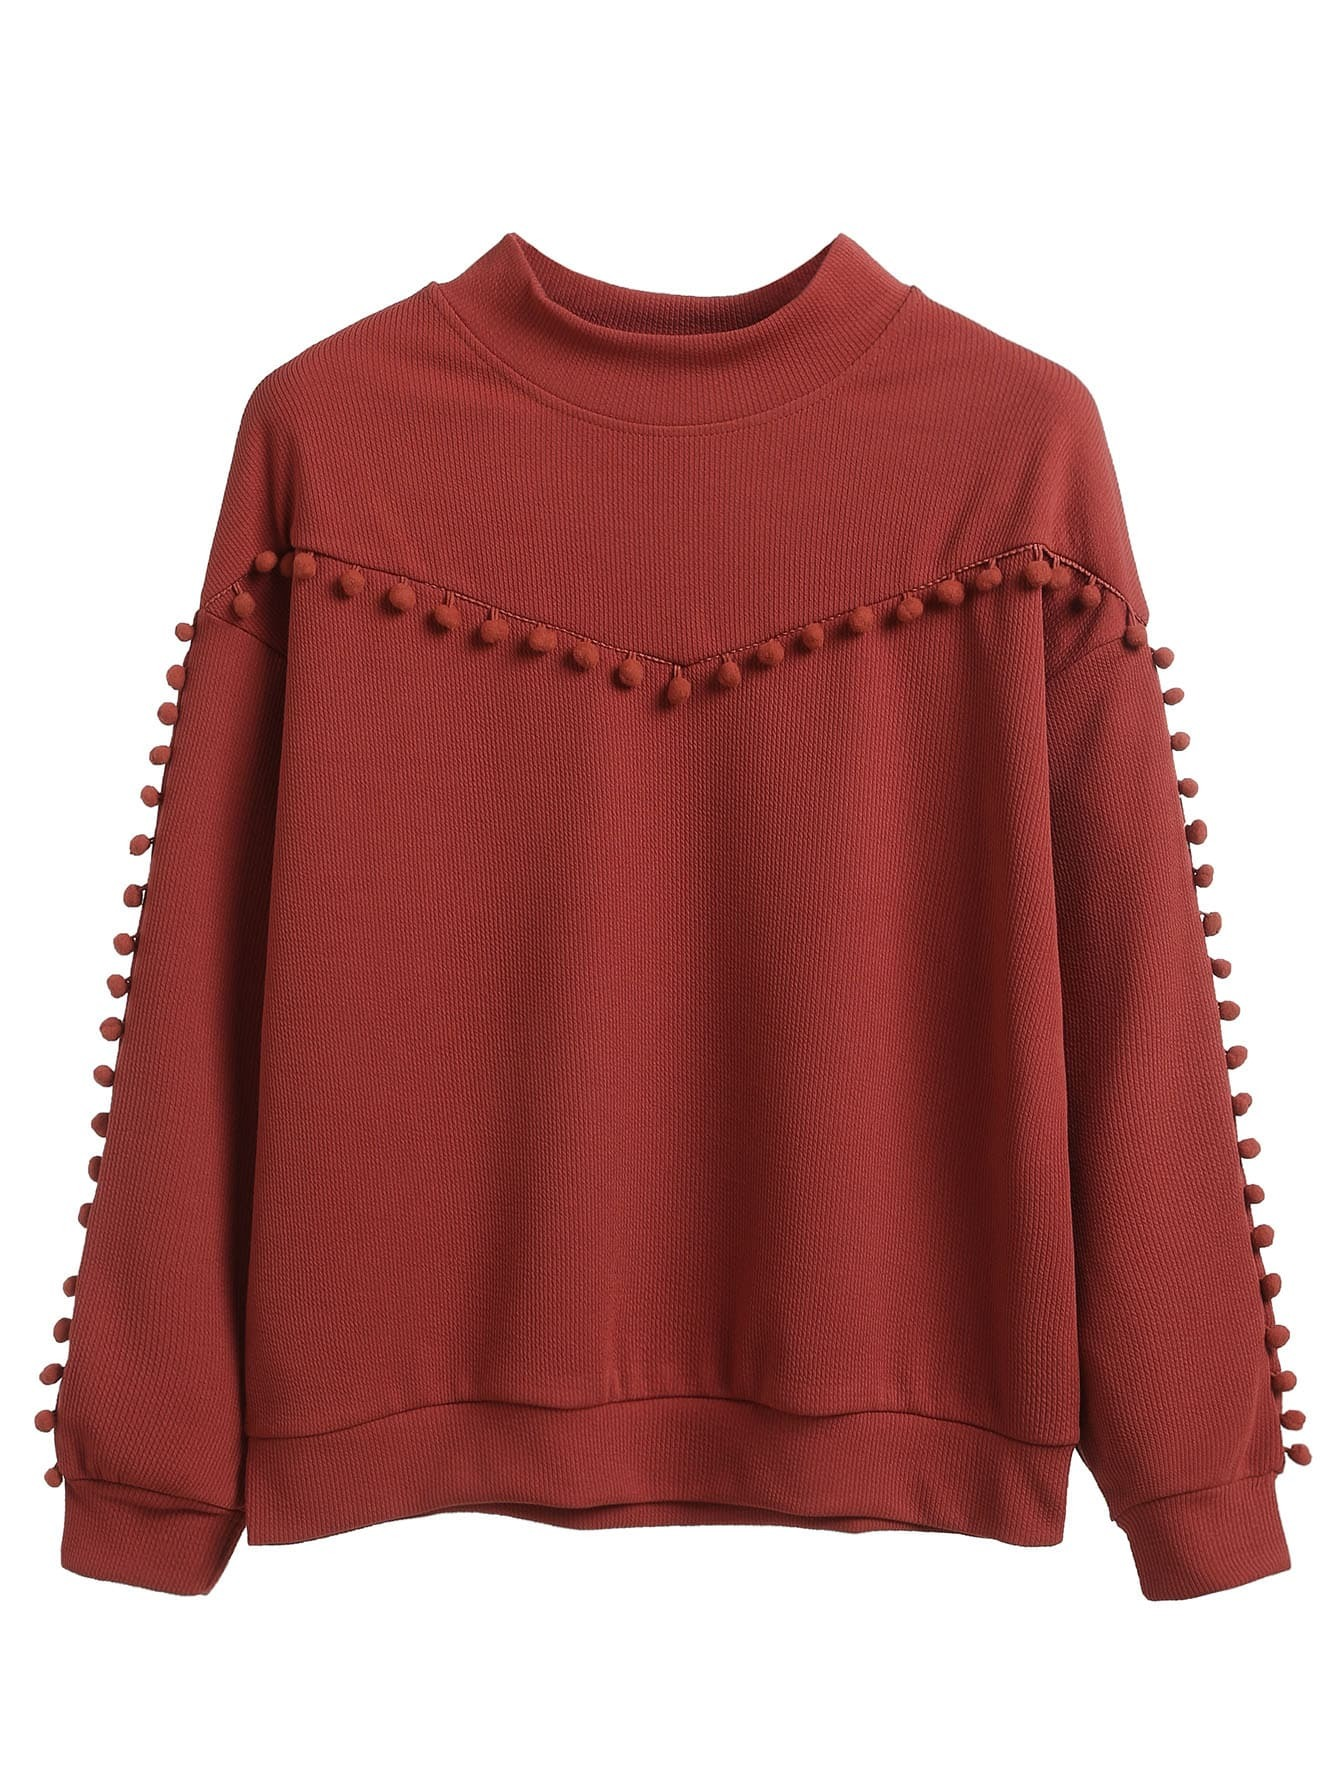 sweatshirt160907122_2